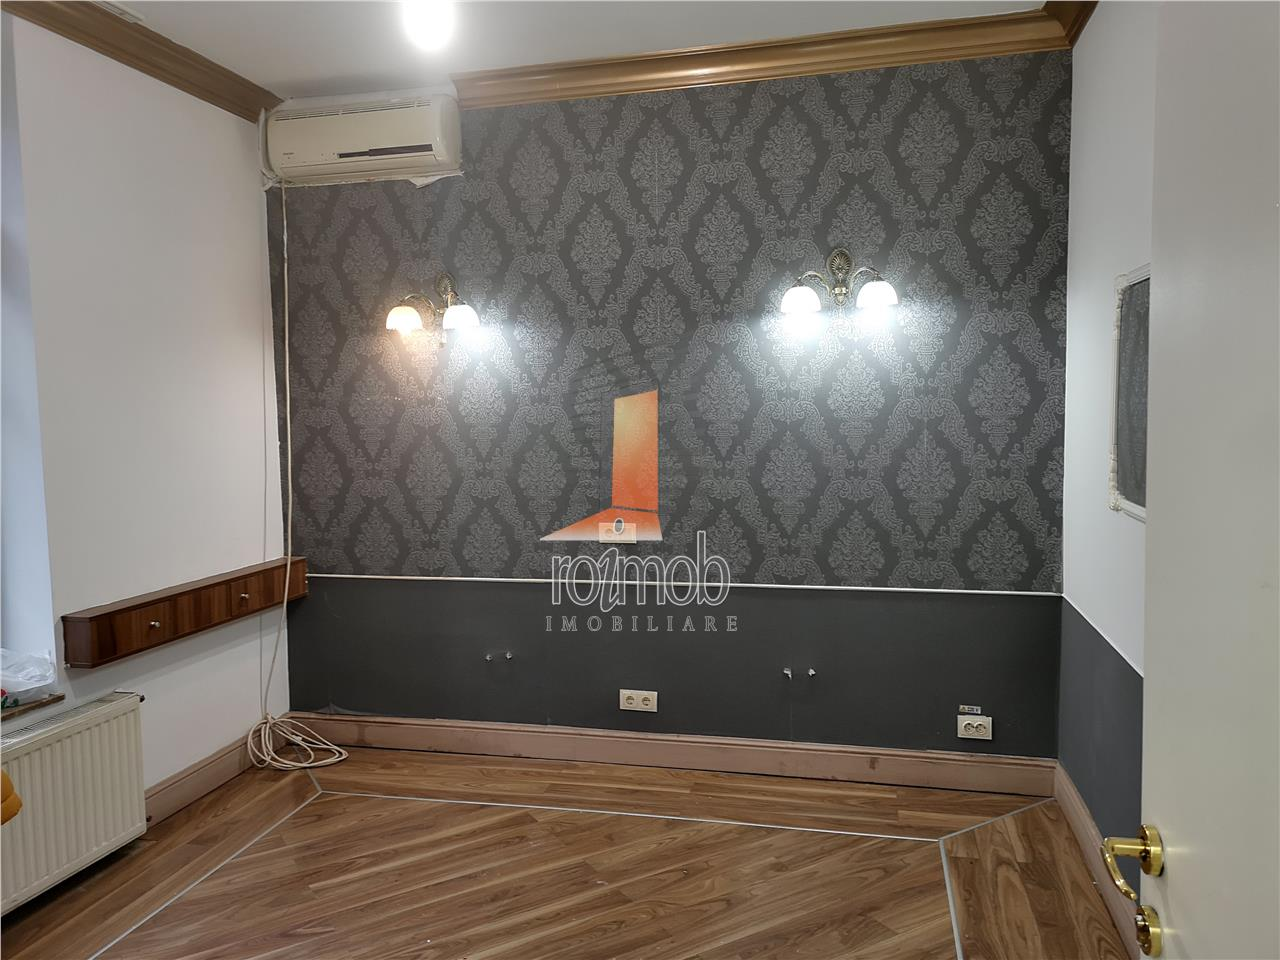 Inchiriere vila renovata, 220 mp, 7 camere, Universitate - Mosilor